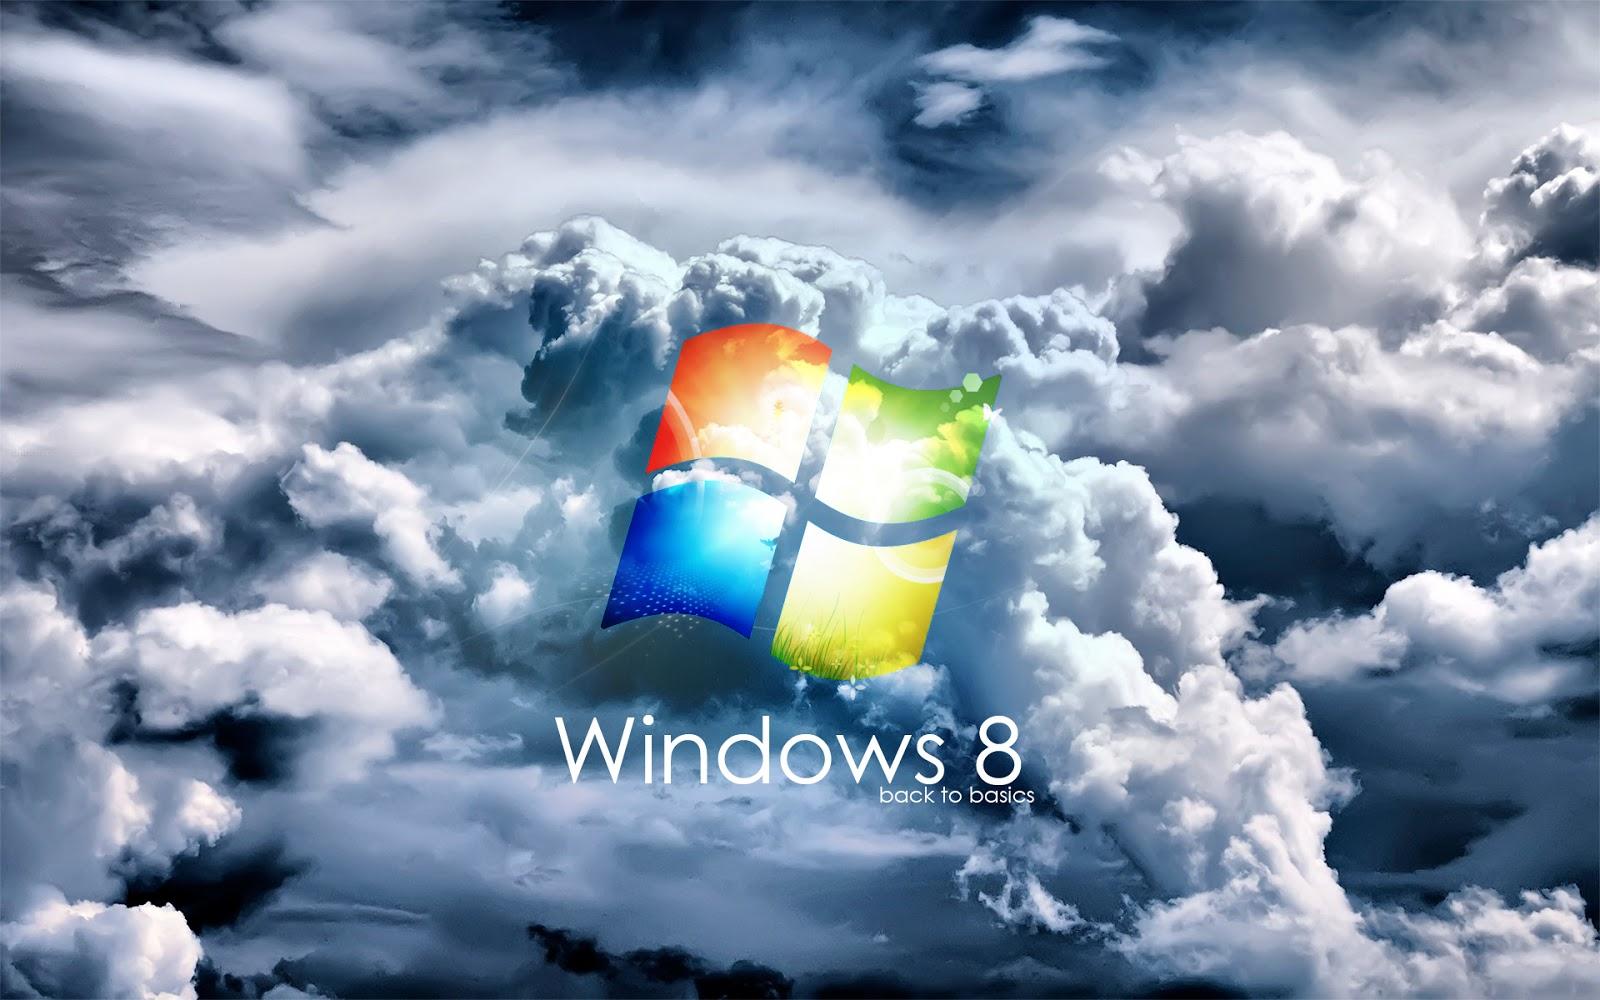 windows 8 3 d - photo #32